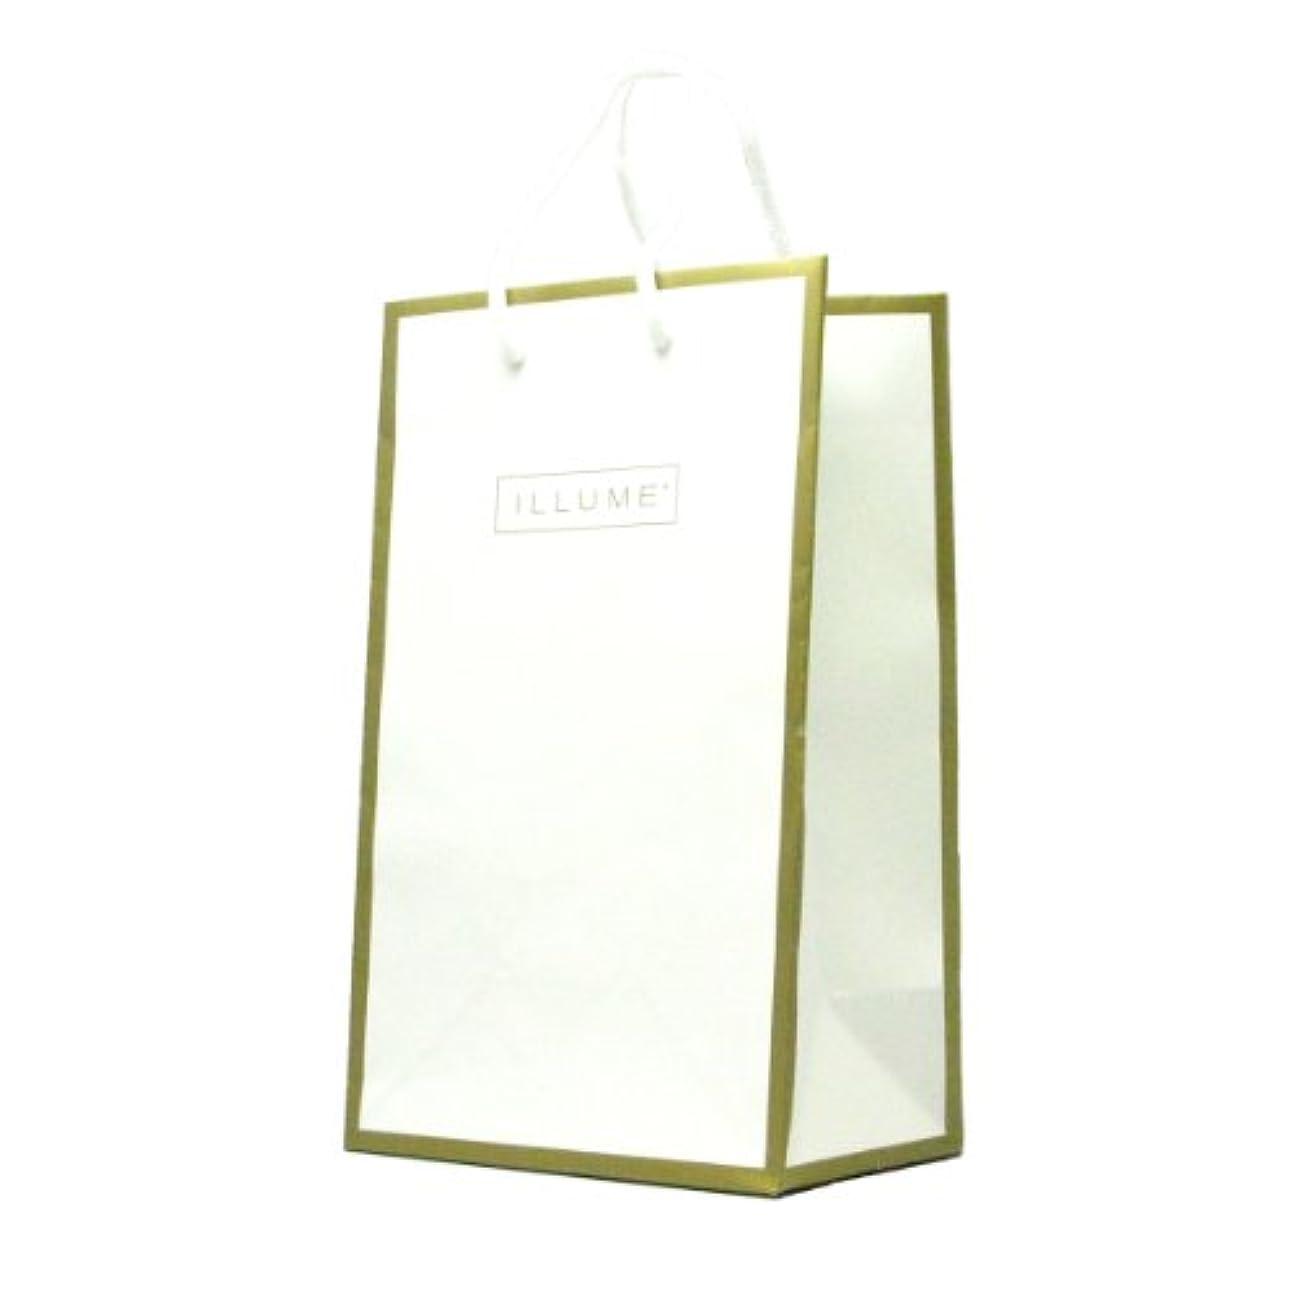 時々トーン回転するイリューム(ILLUME) ギフトバッグ(Gift Bag) (ILLUMEギフトバッグ)